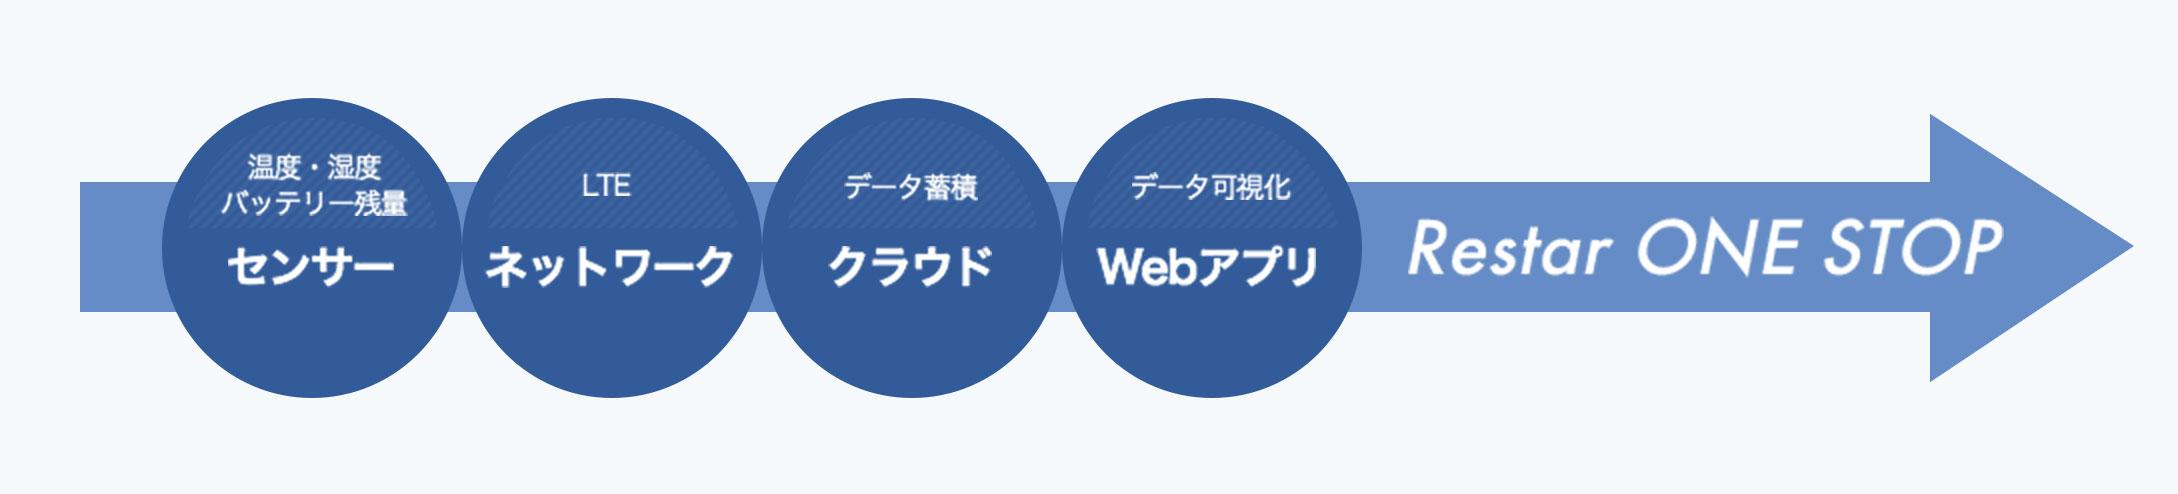 温度・湿度バッテリー残量 センサー / LTE ネットワーク / データ貯蓄 クラウド / データ可視化 Webアプリ / Restar ONE STOP